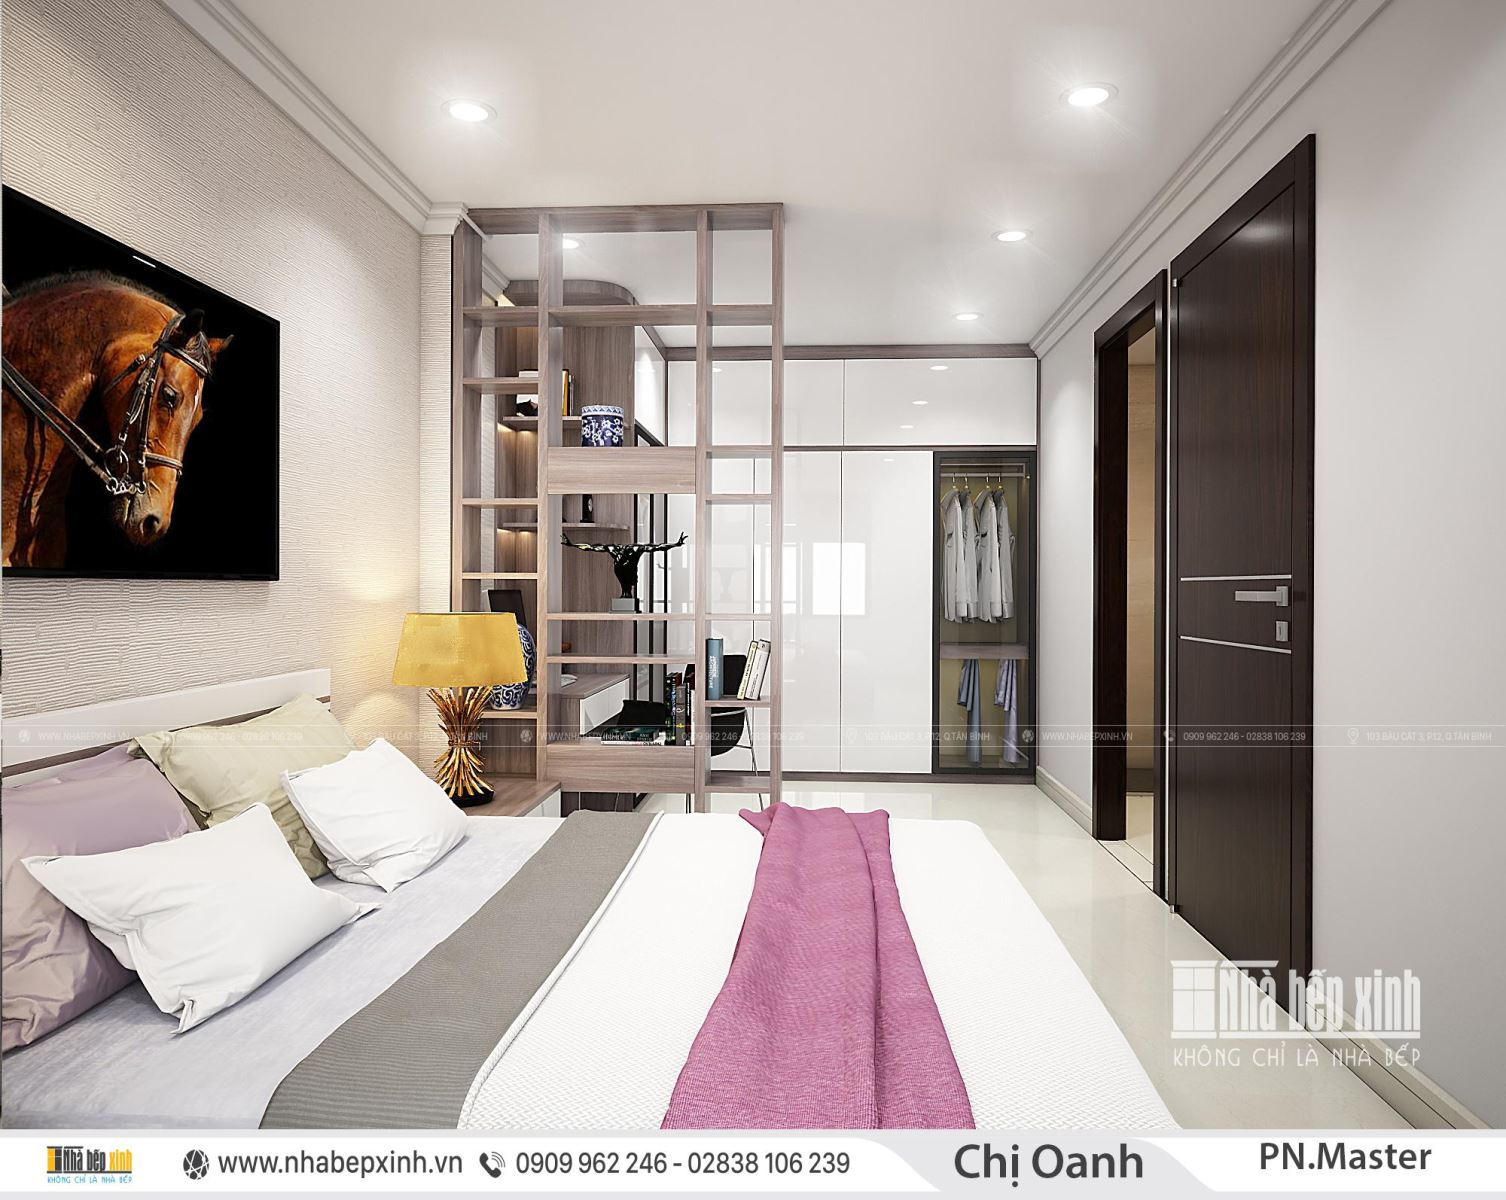 Thiết kế nội thất nguyên căn đẹp